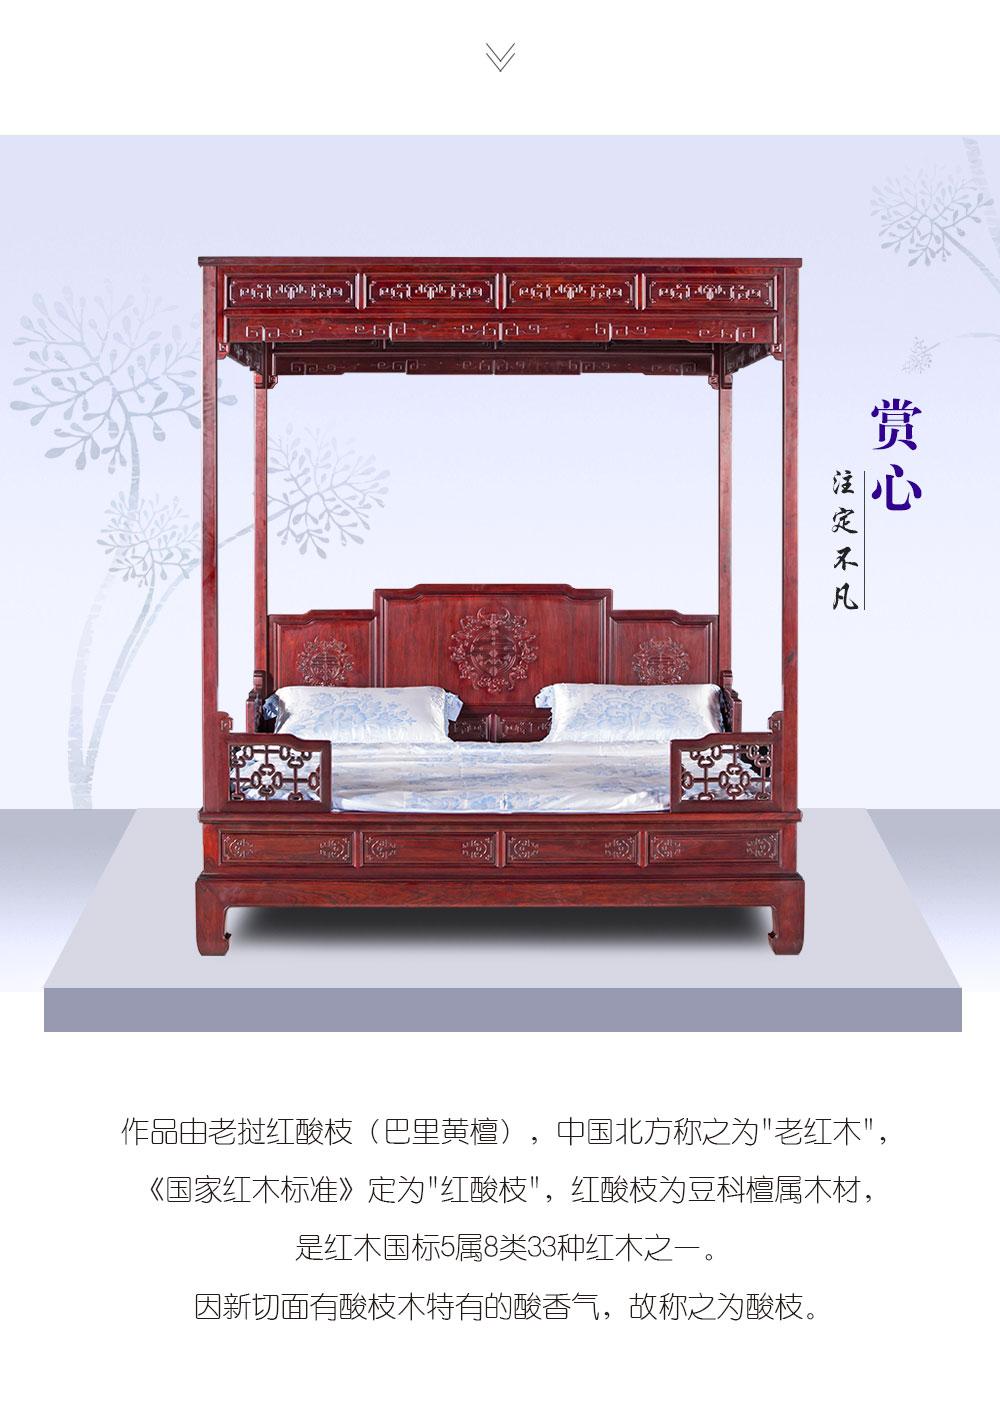 五福临门架子床_03.jpg